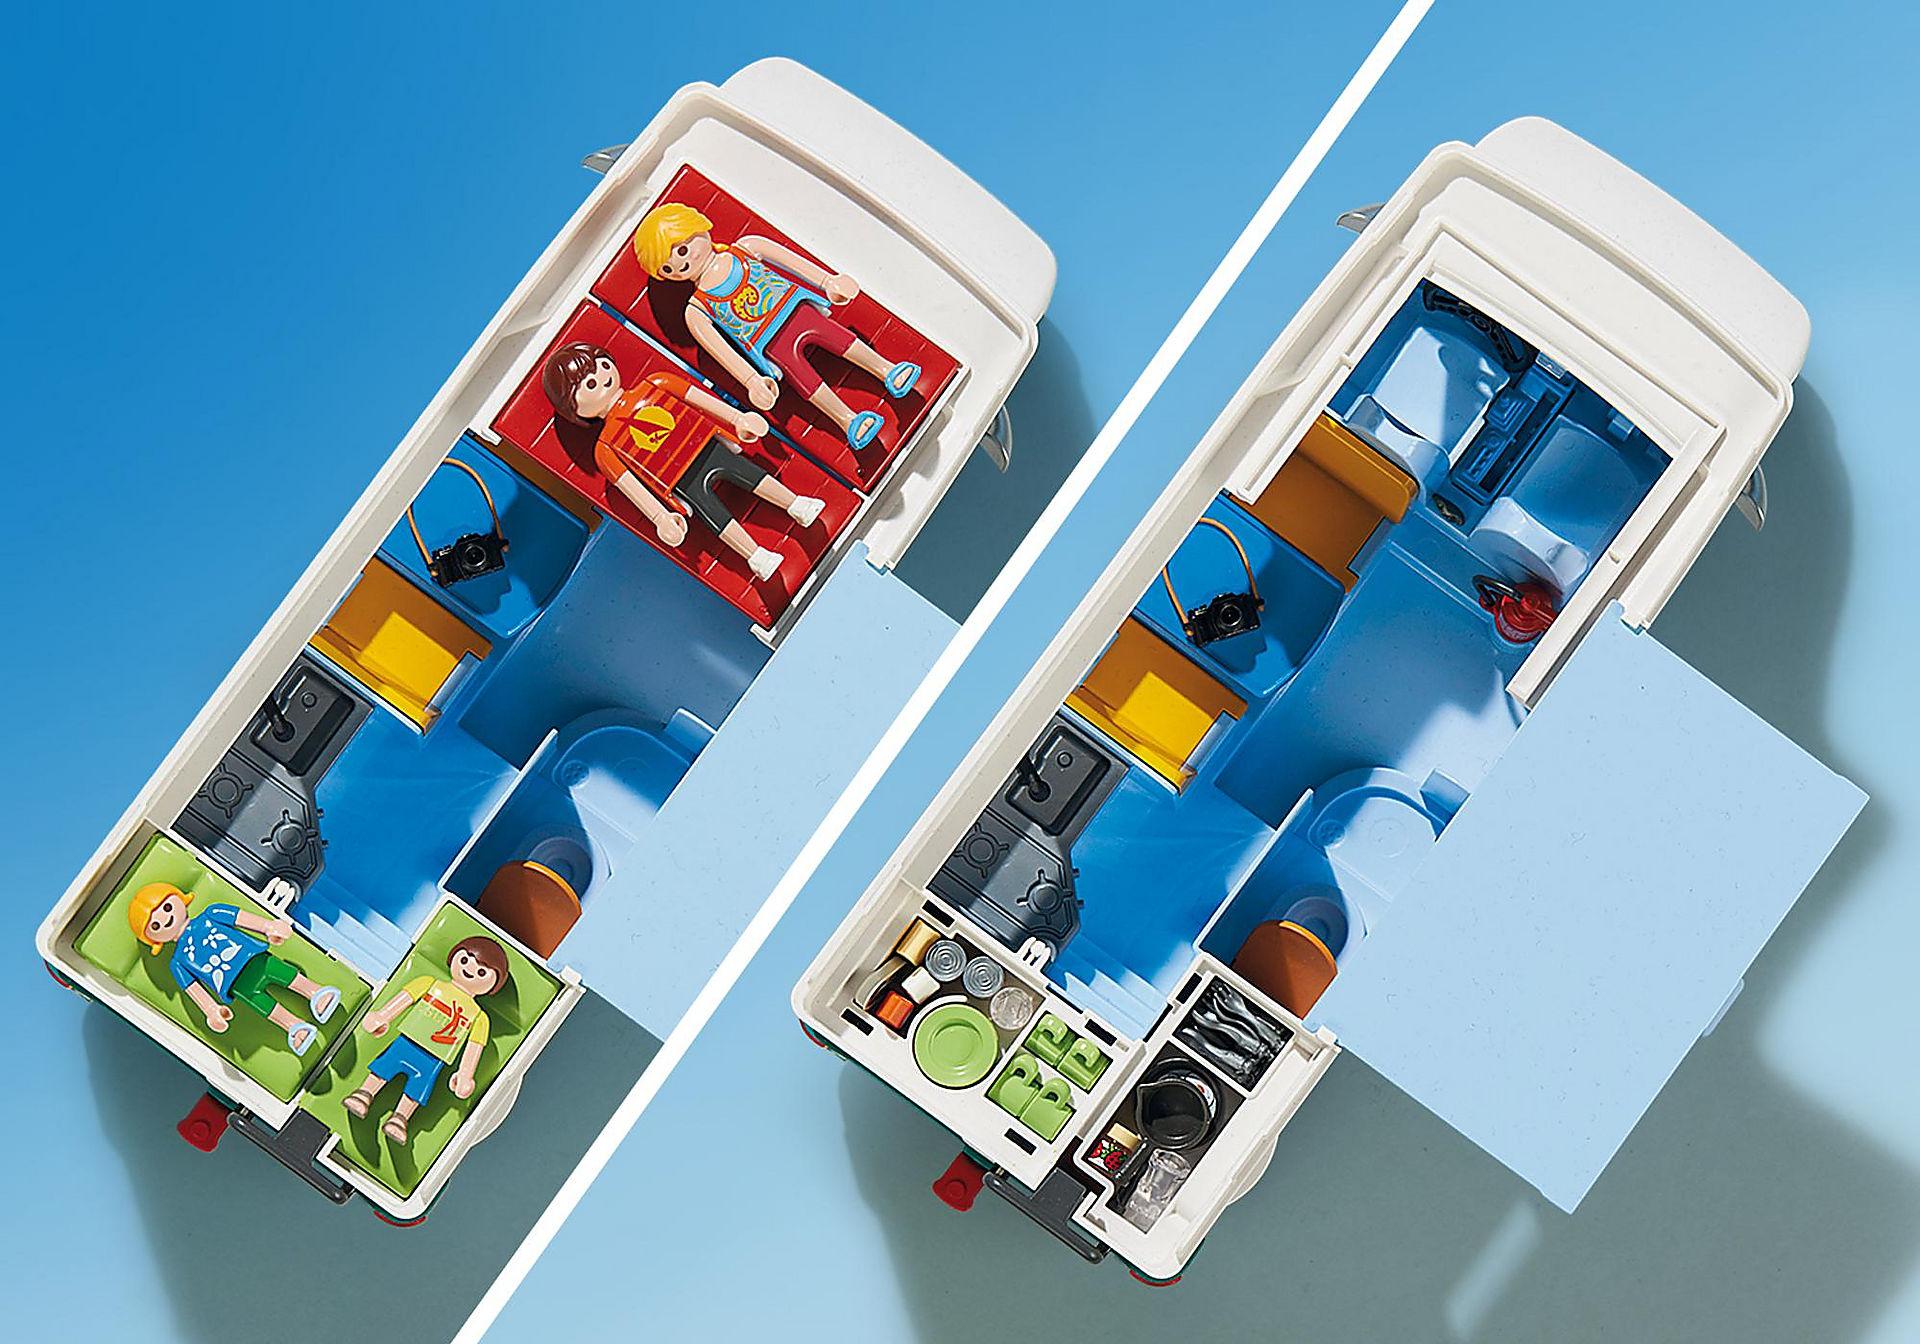 http://media.playmobil.com/i/playmobil/6671_product_extra4/Caravana de Verão